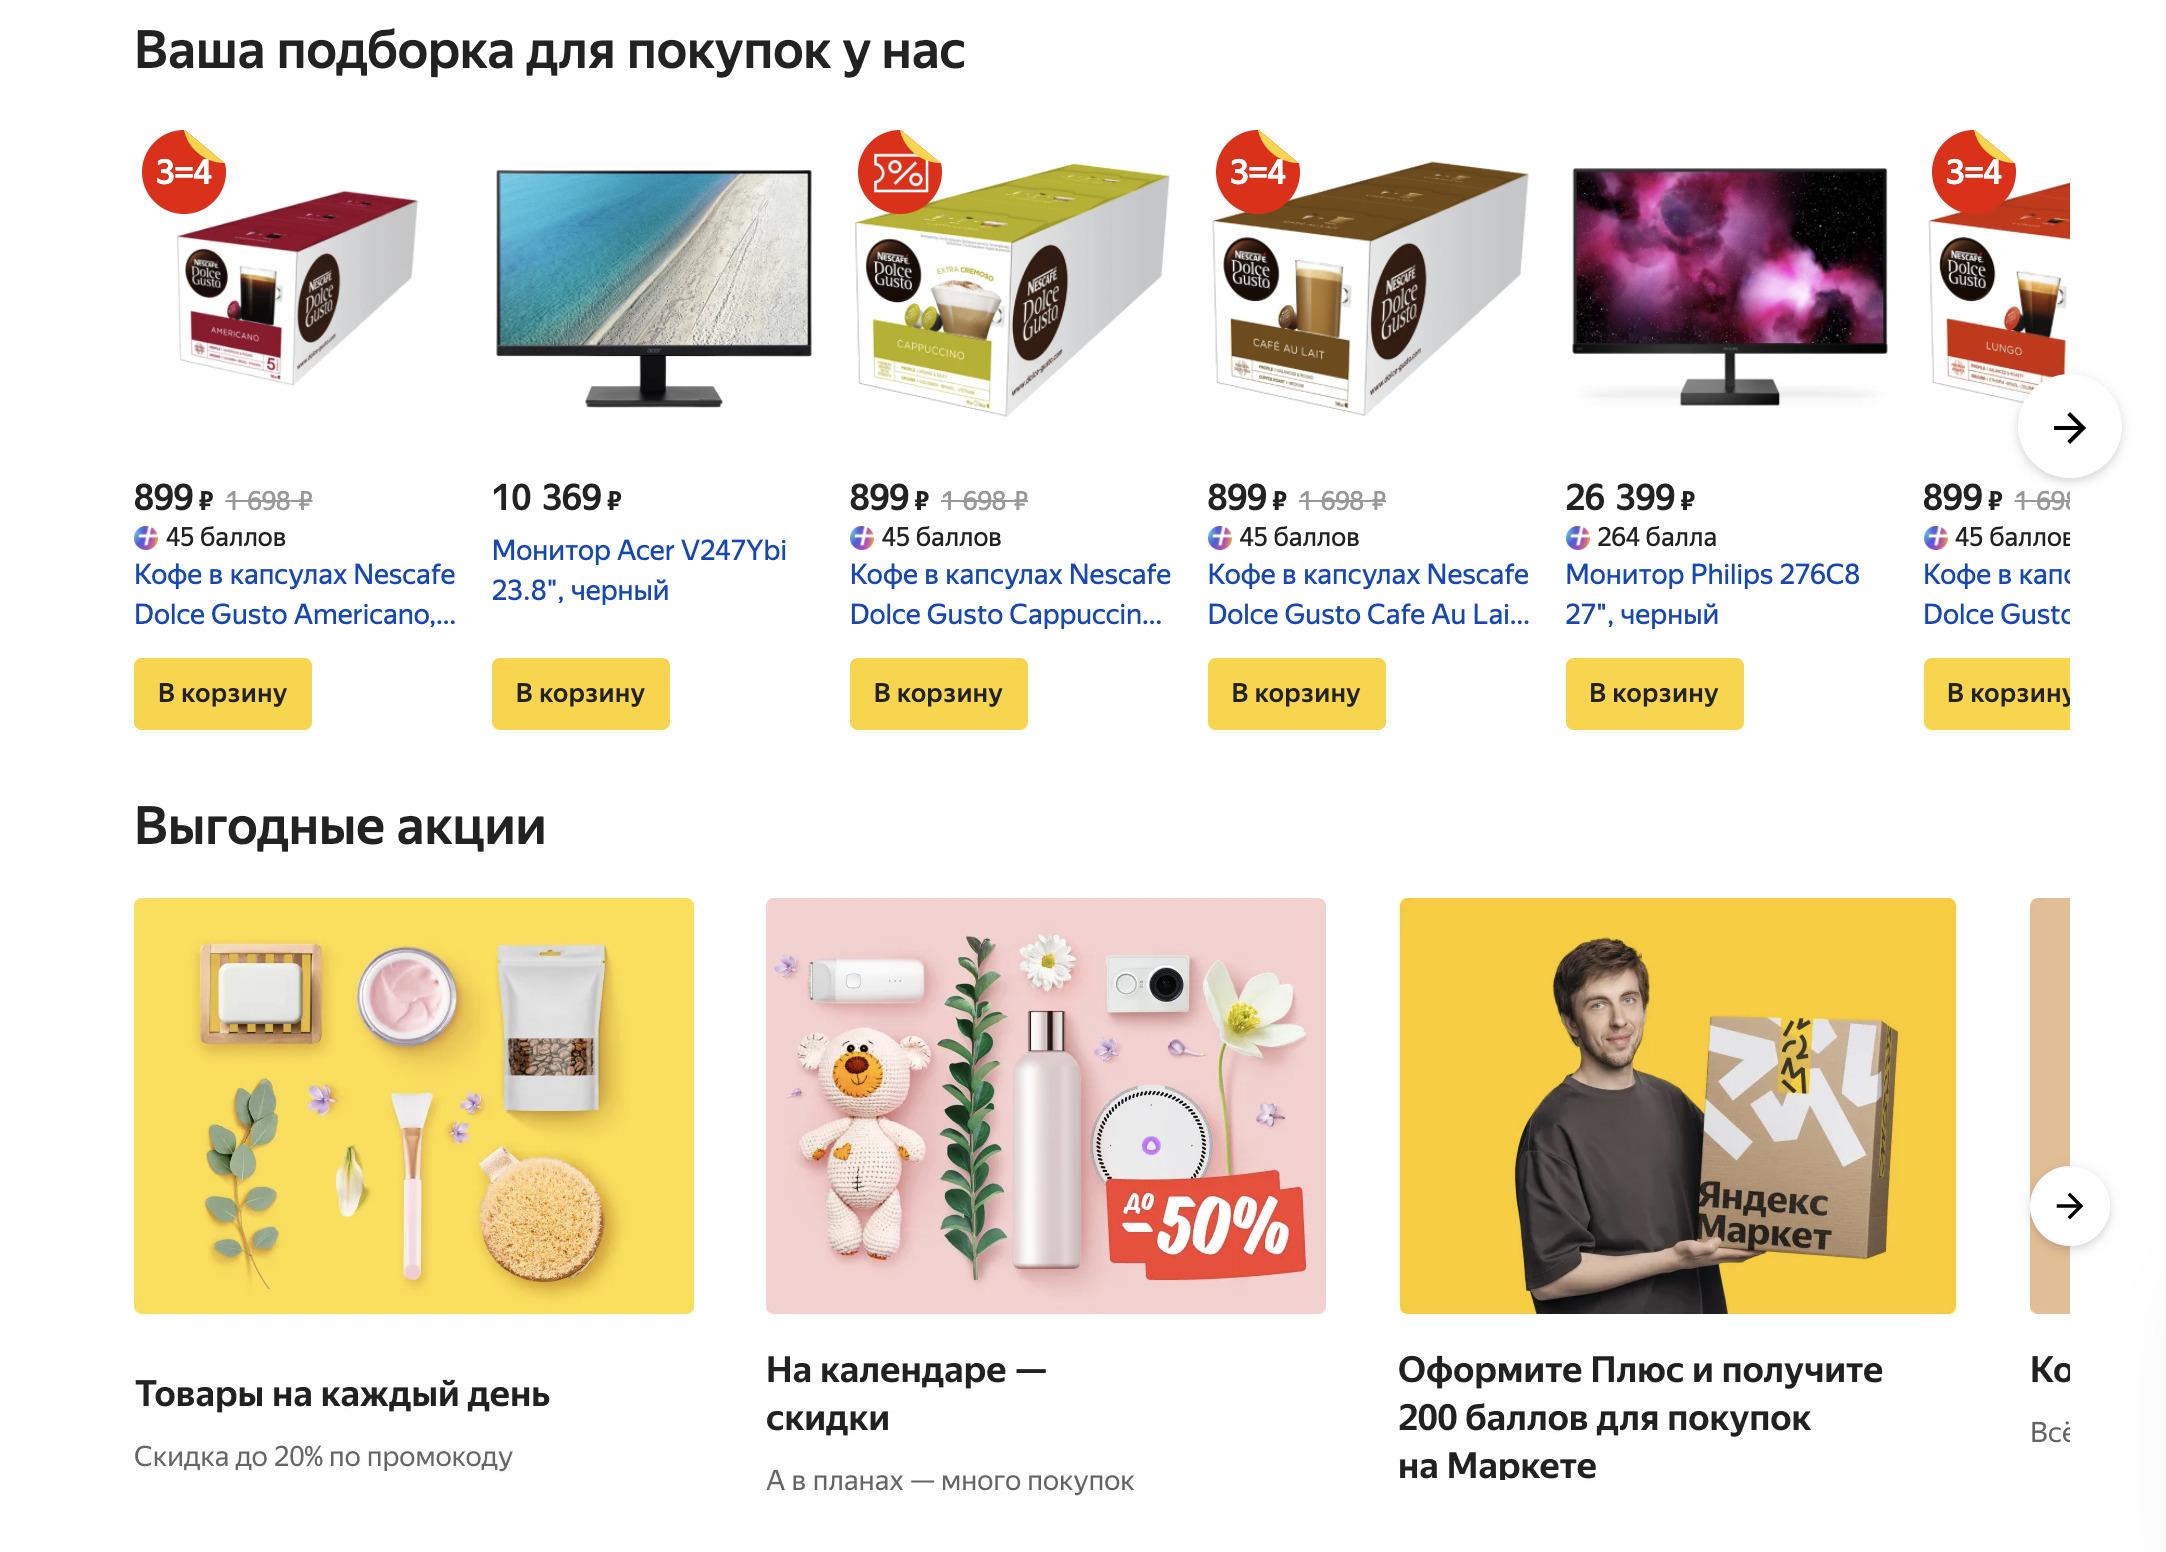 Доставка из Яндекс.Маркет в Усолье-Сибирское, сроки, пункты выдачи, каталог